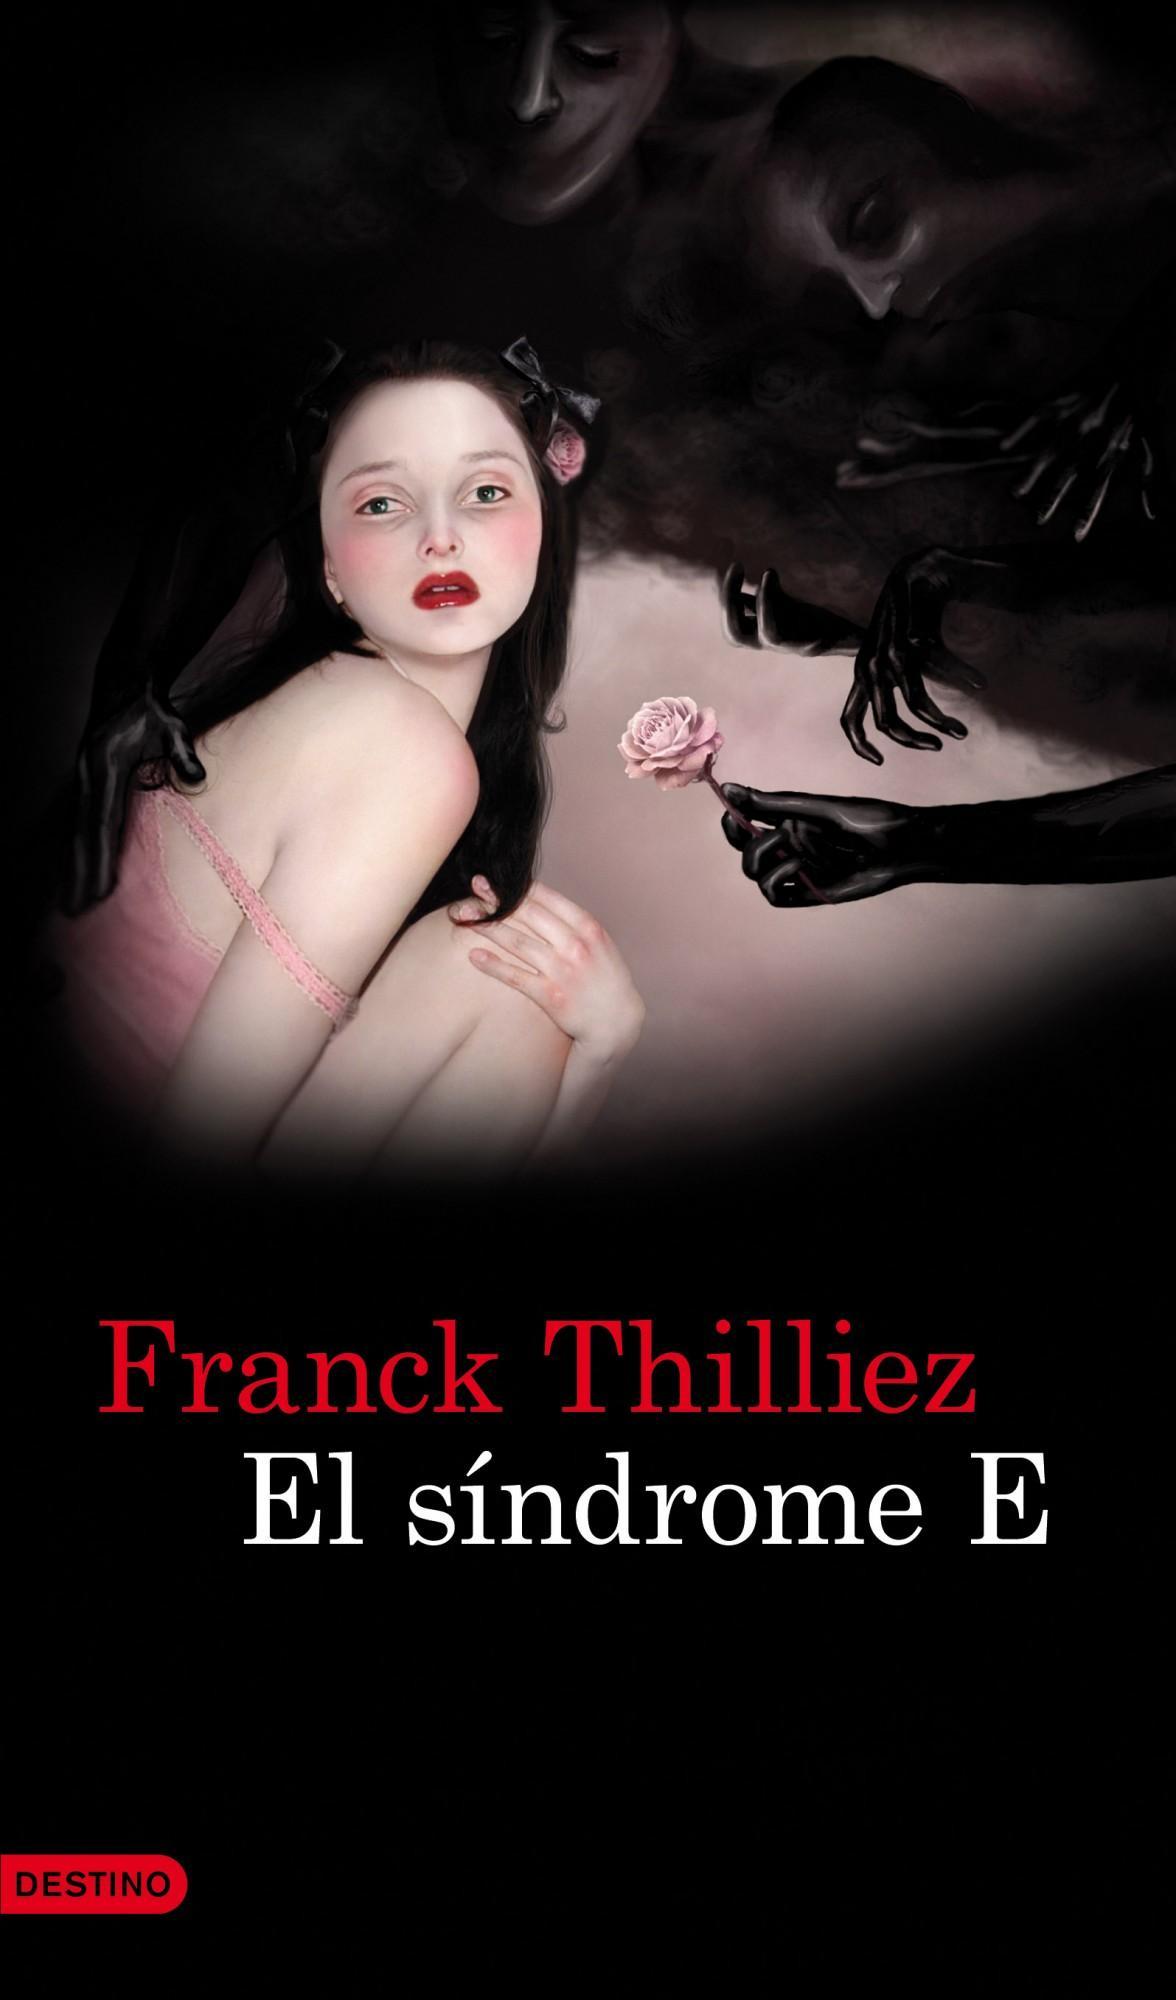 El Sindrome E - Franck Thilliez